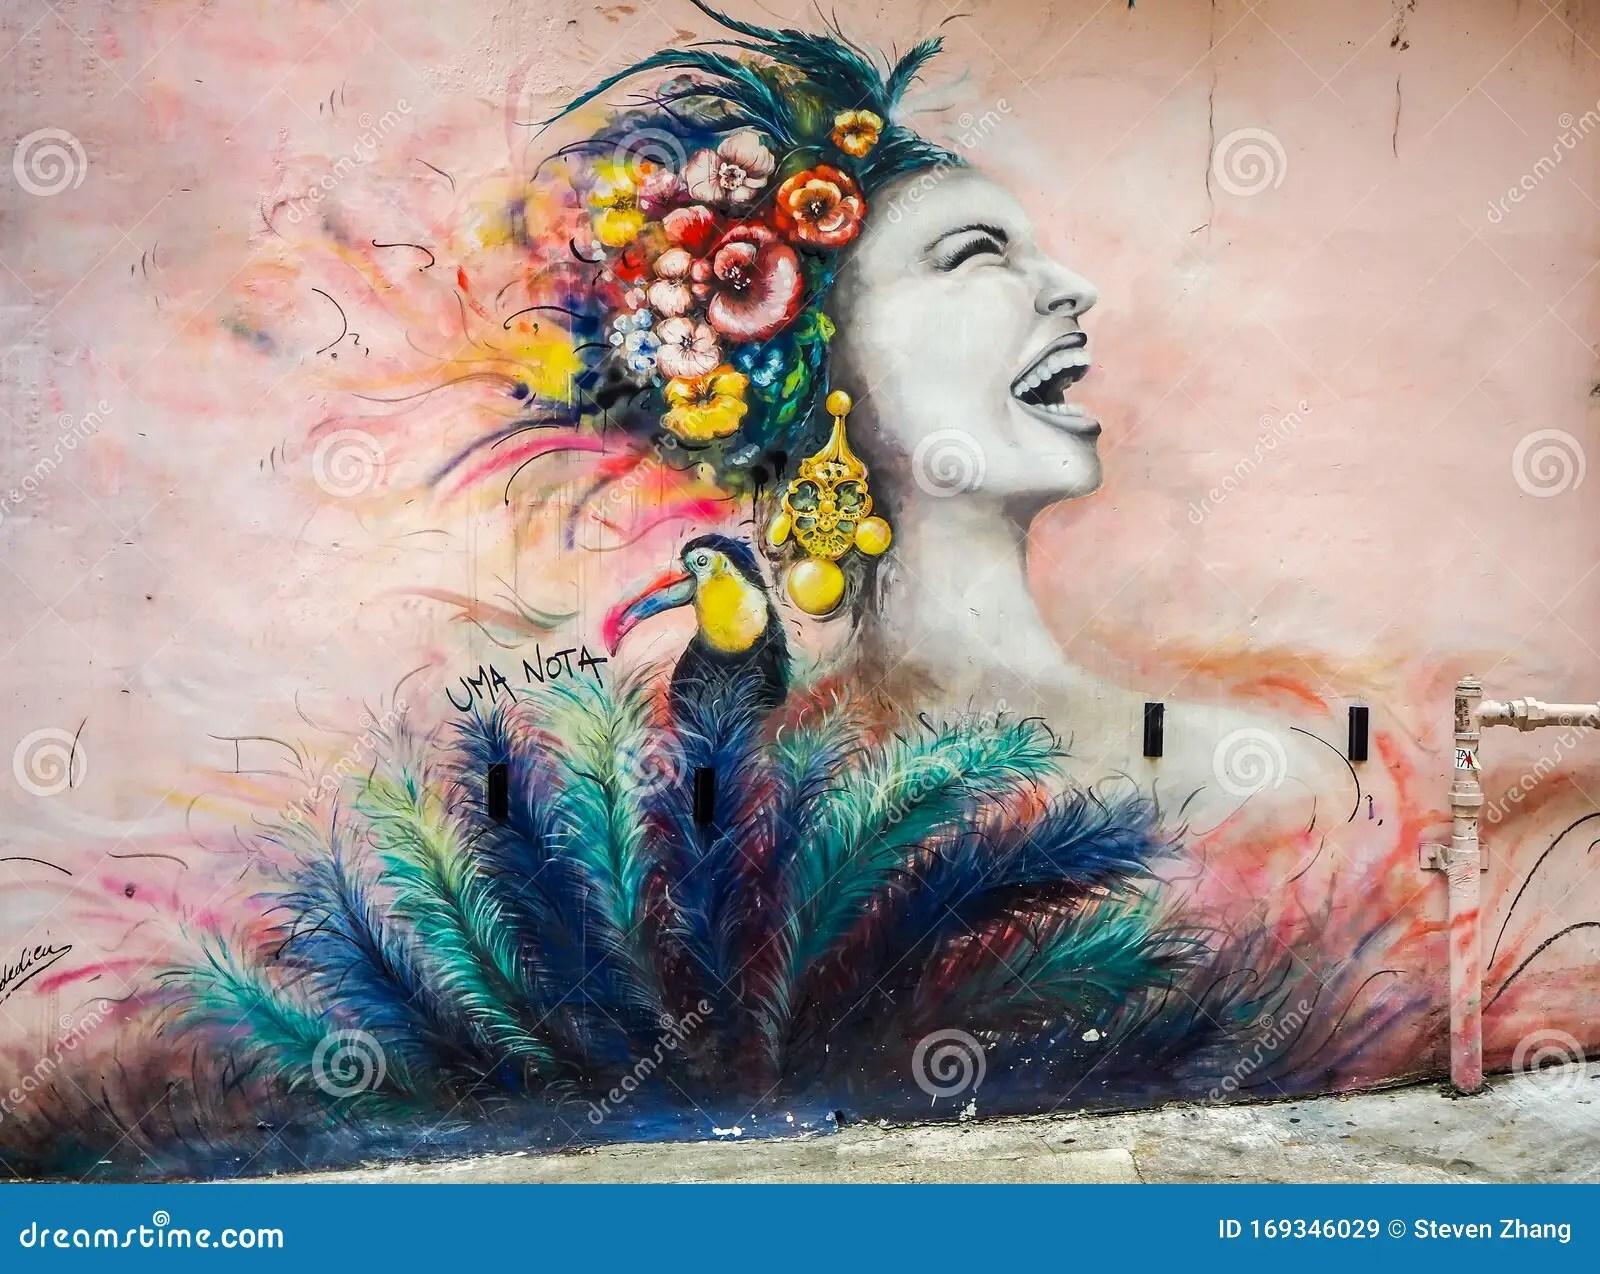 Hong Kong Graffiti stock image. Image of kong. persuade - 169346029